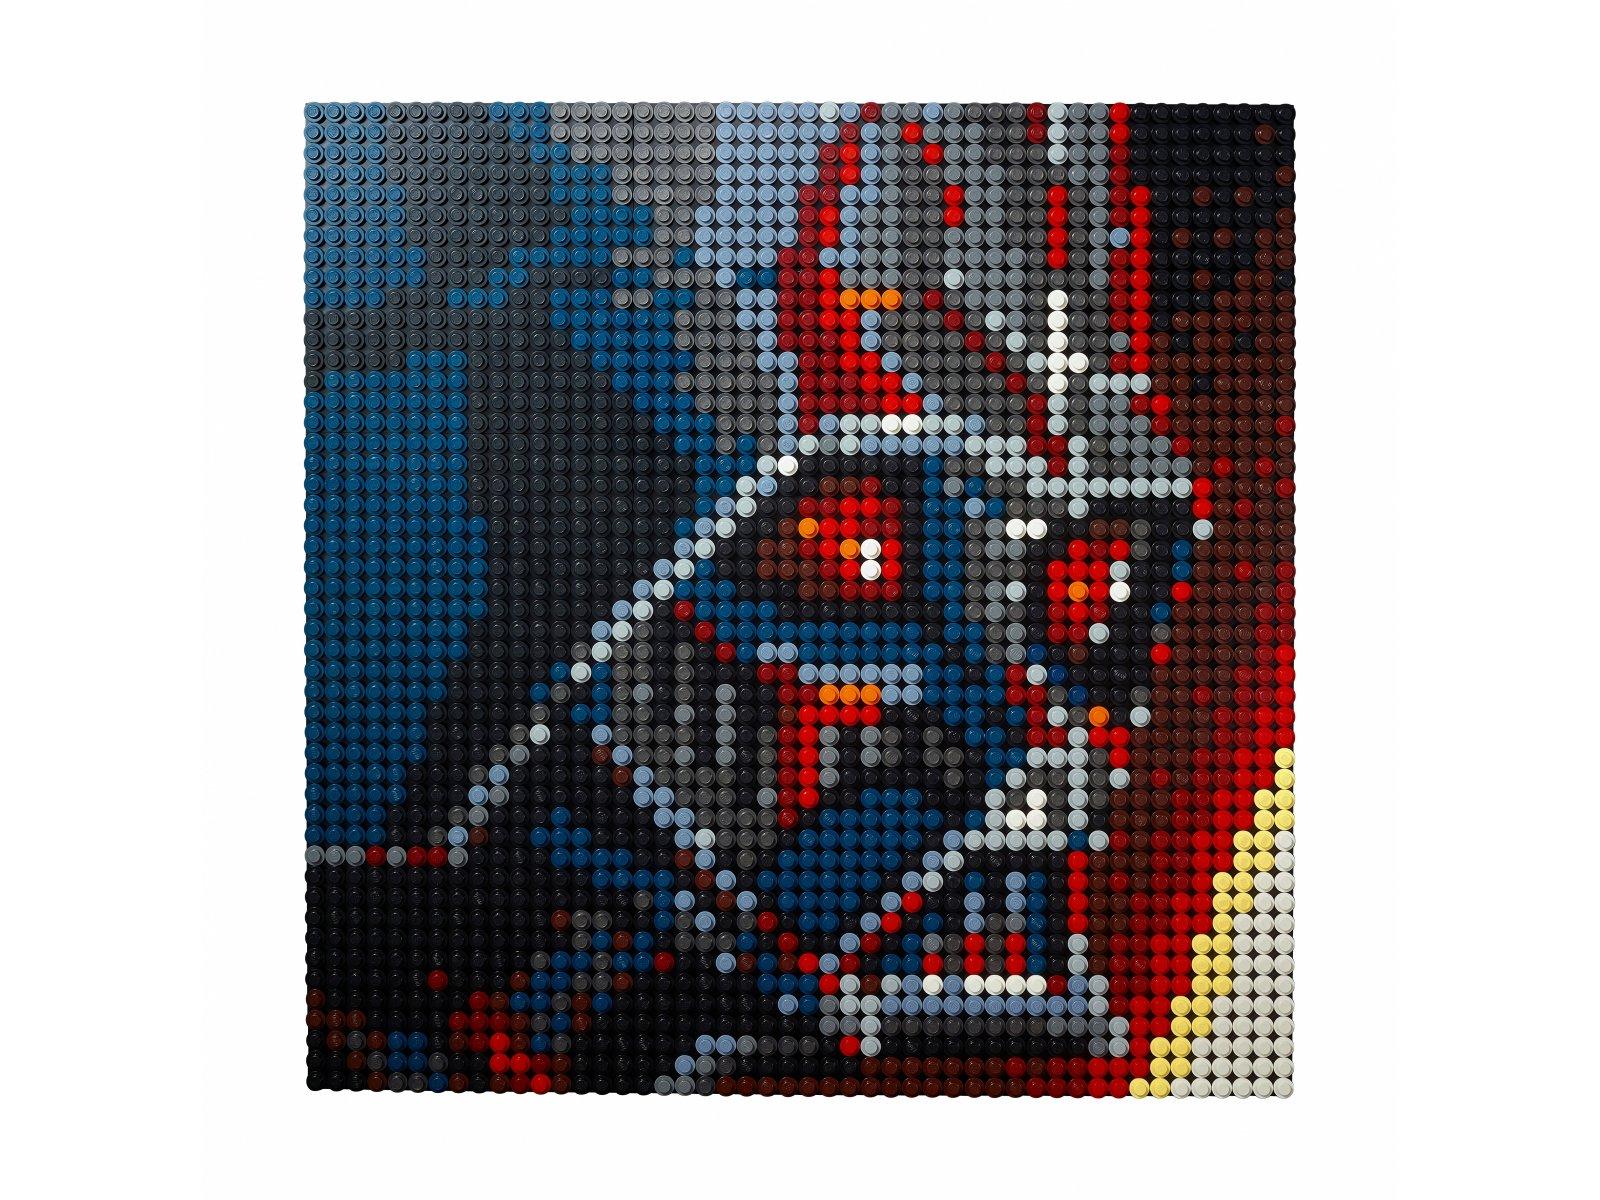 LEGO 31200 Gwiezdne Wojny - Sith